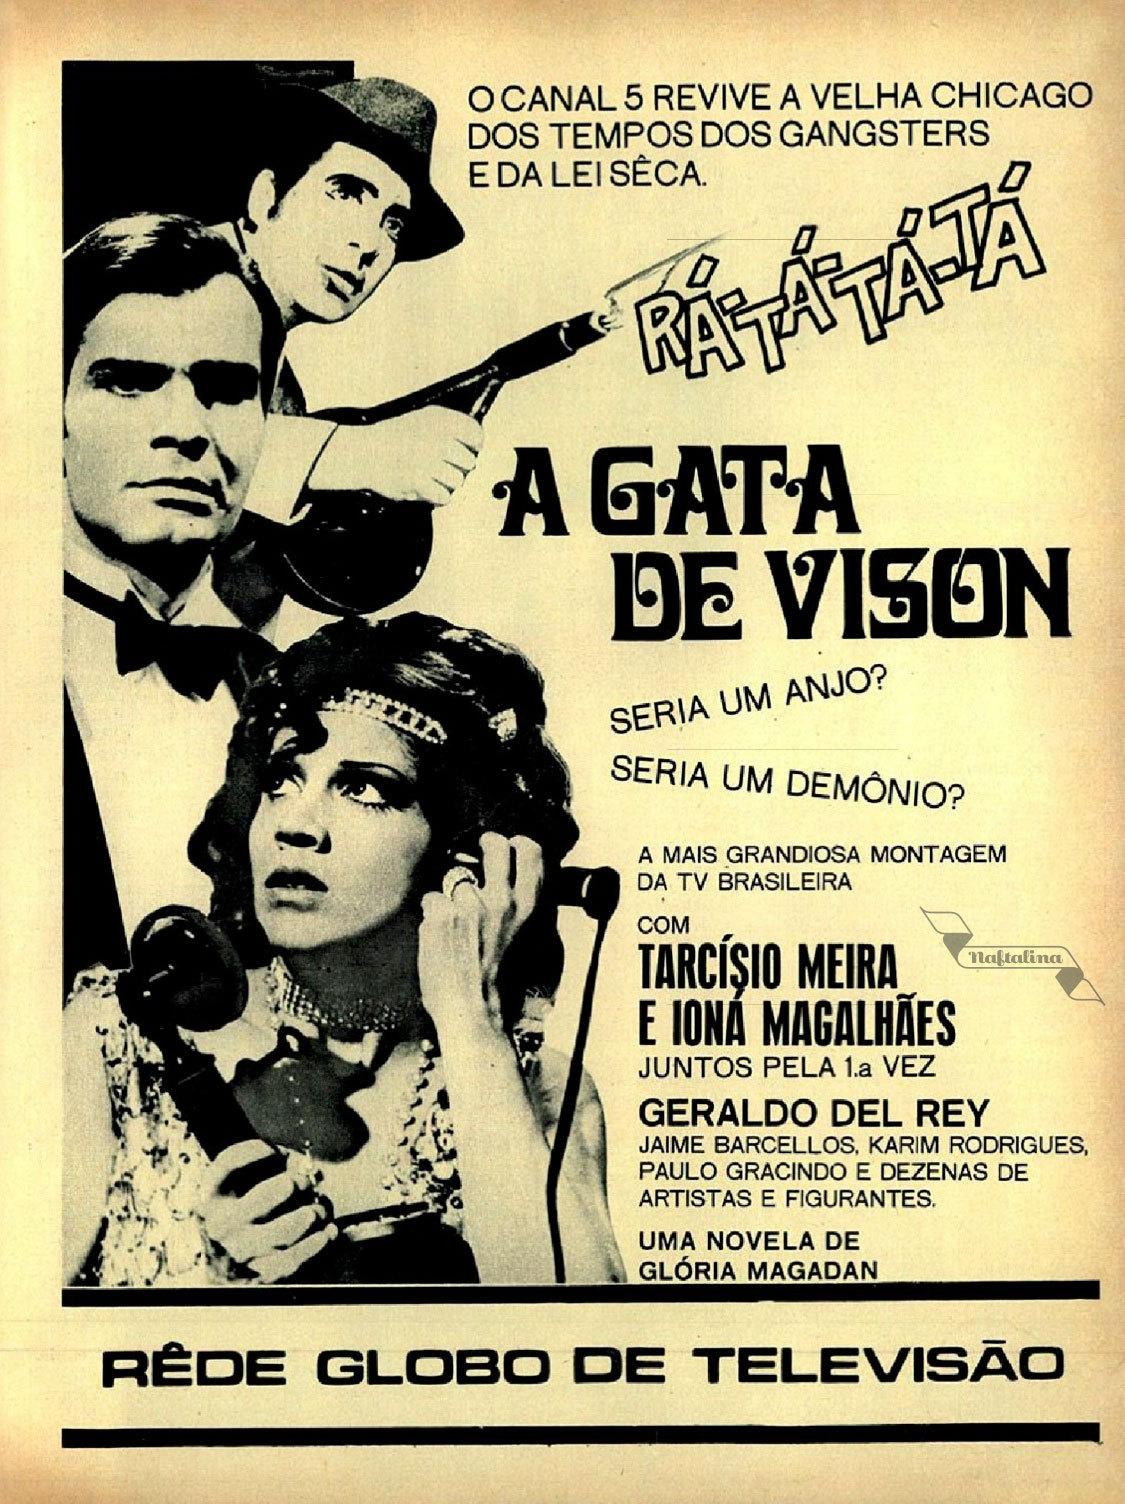 Propaganda antiga da Rede Globo promovendo a novela A Gata de Vison de 1968